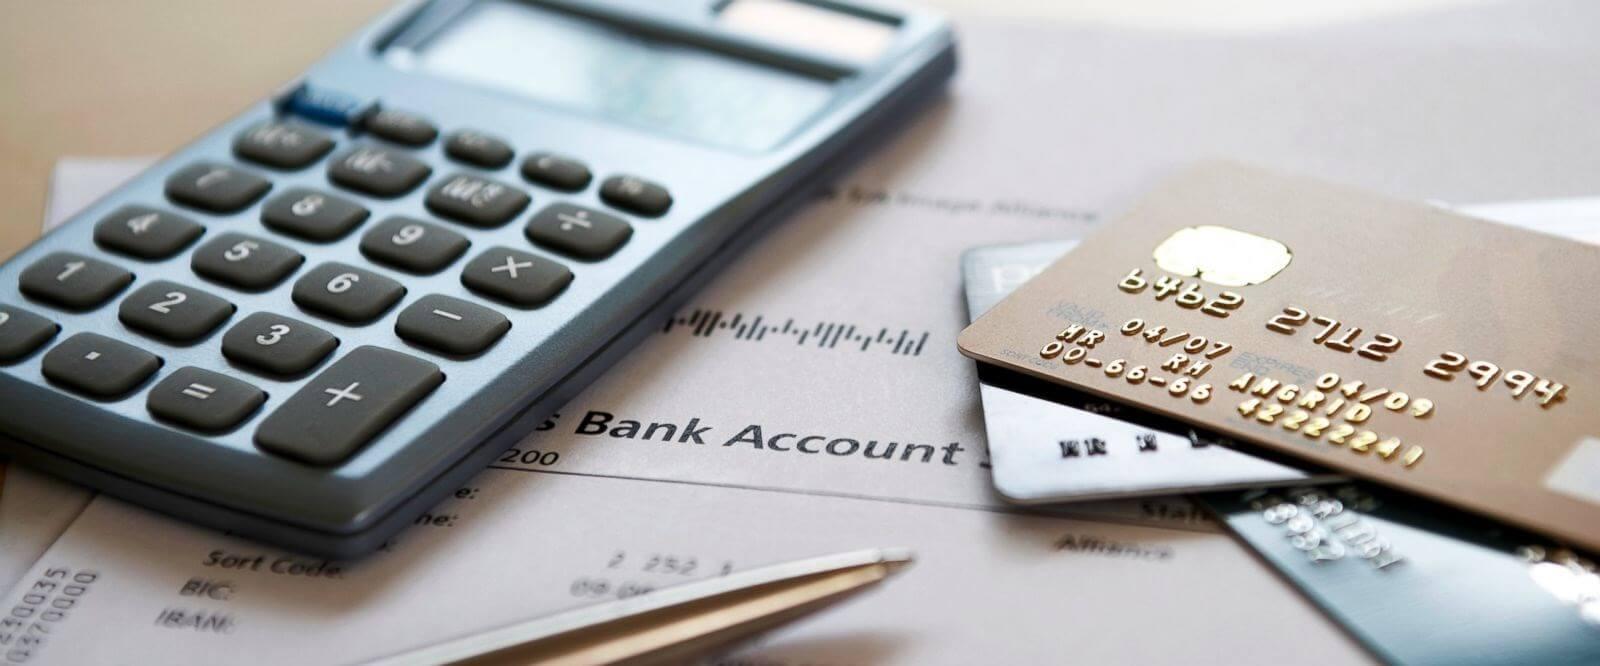 Как выбрать банк для ООО и ИП